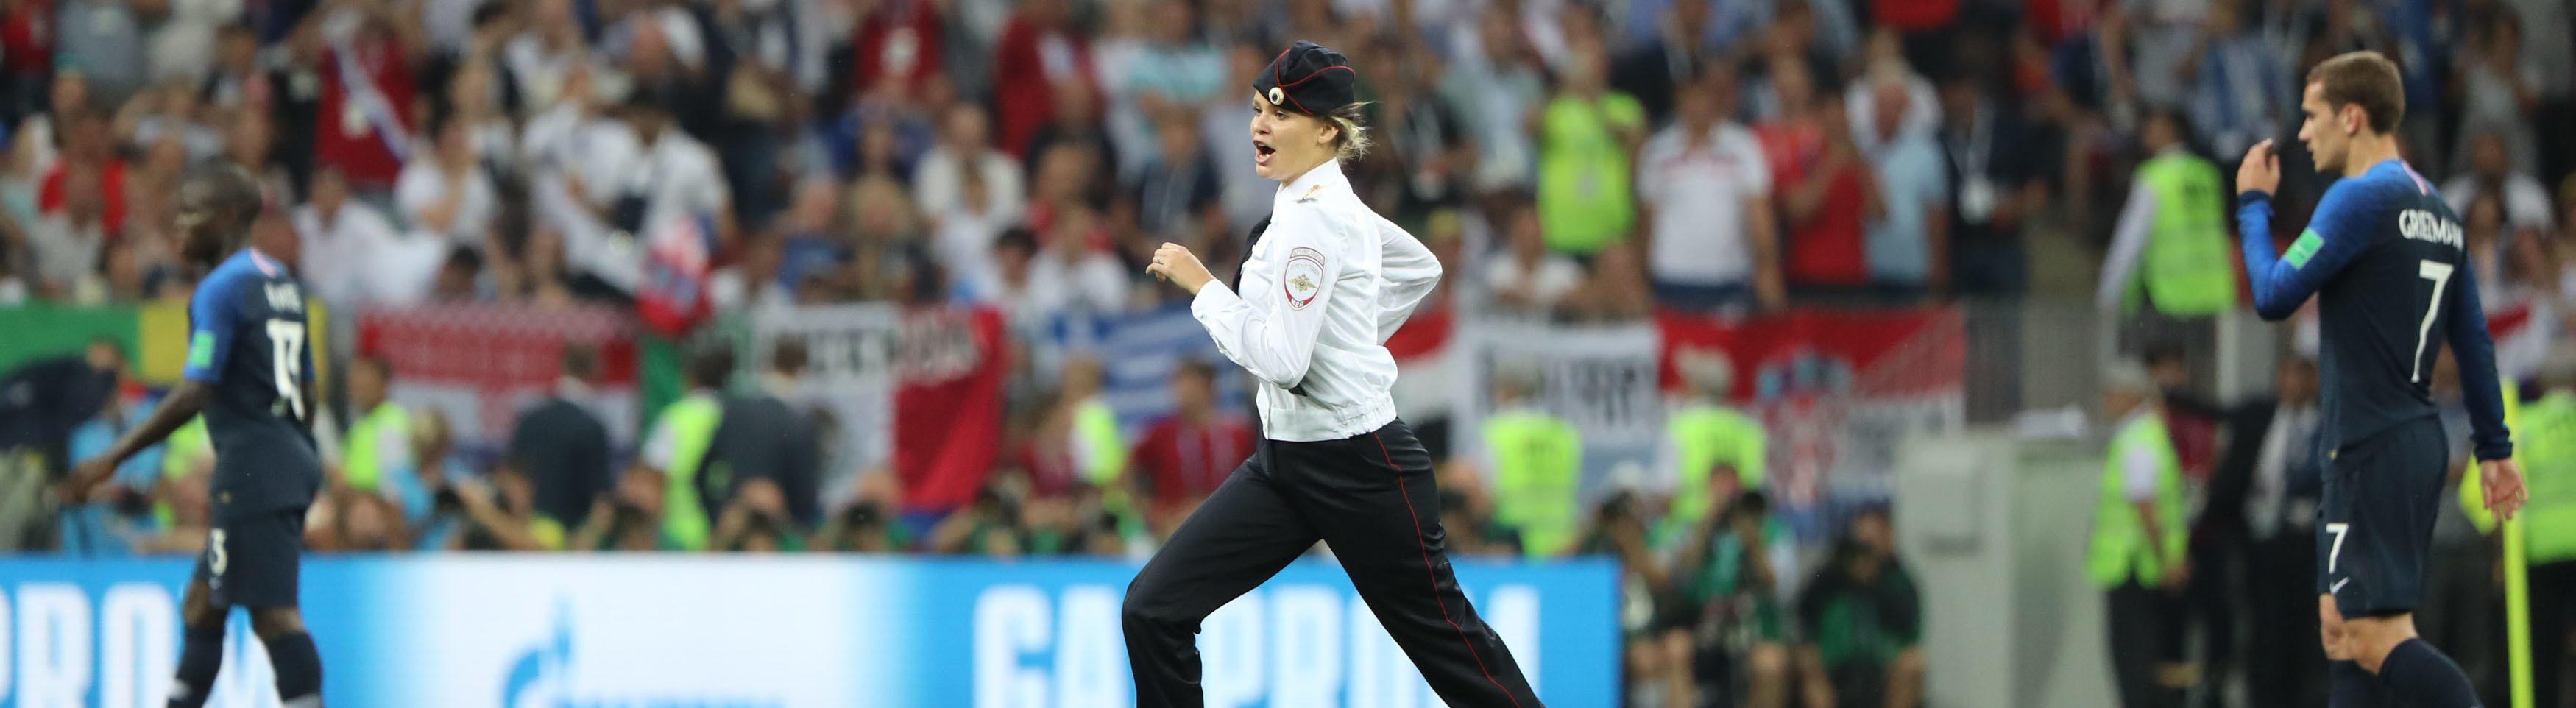 Frau in Uniform auf Fußballfeld